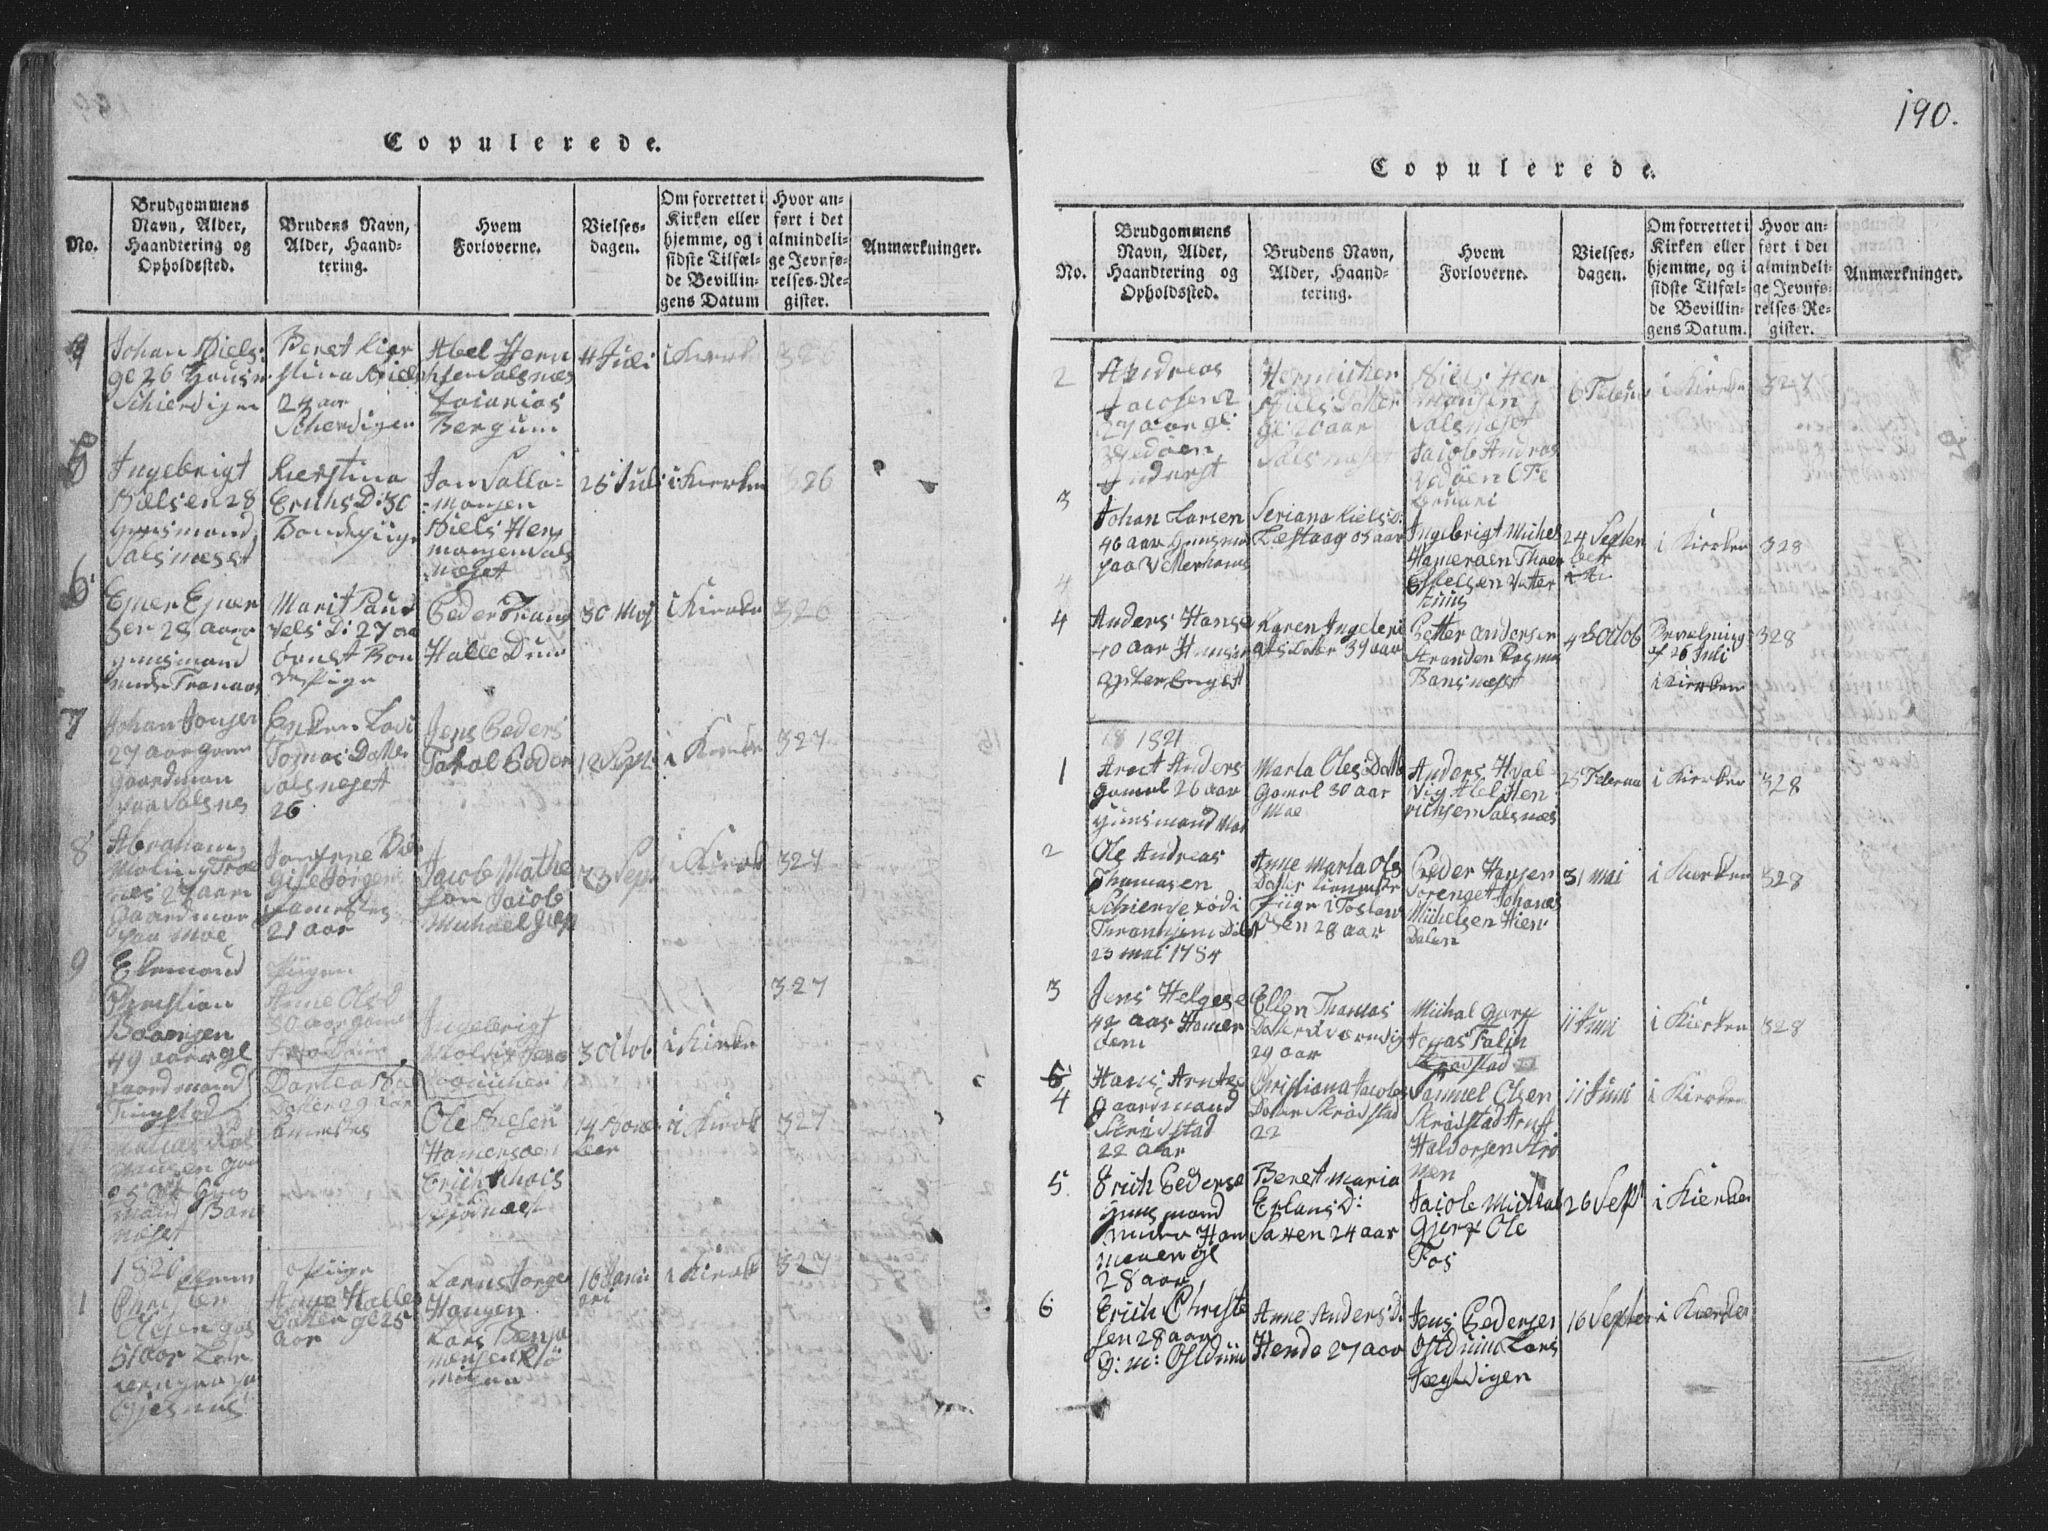 SAT, Ministerialprotokoller, klokkerbøker og fødselsregistre - Nord-Trøndelag, 773/L0613: Ministerialbok nr. 773A04, 1815-1845, s. 190